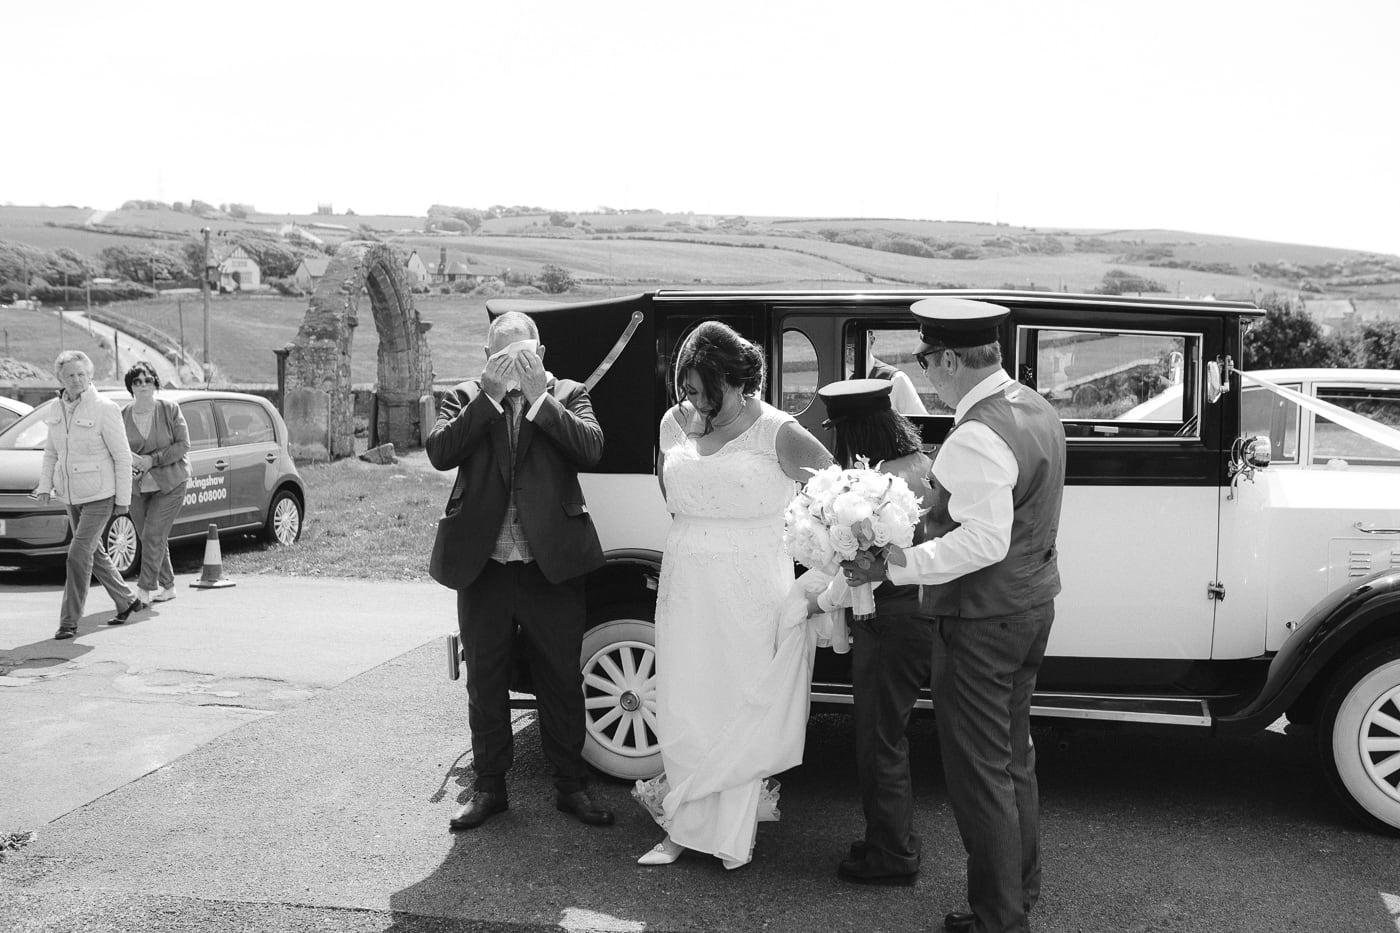 Bride in Wedding Dress Outside Wedding Car Ready For Big Day at Irton Hall Cumbria